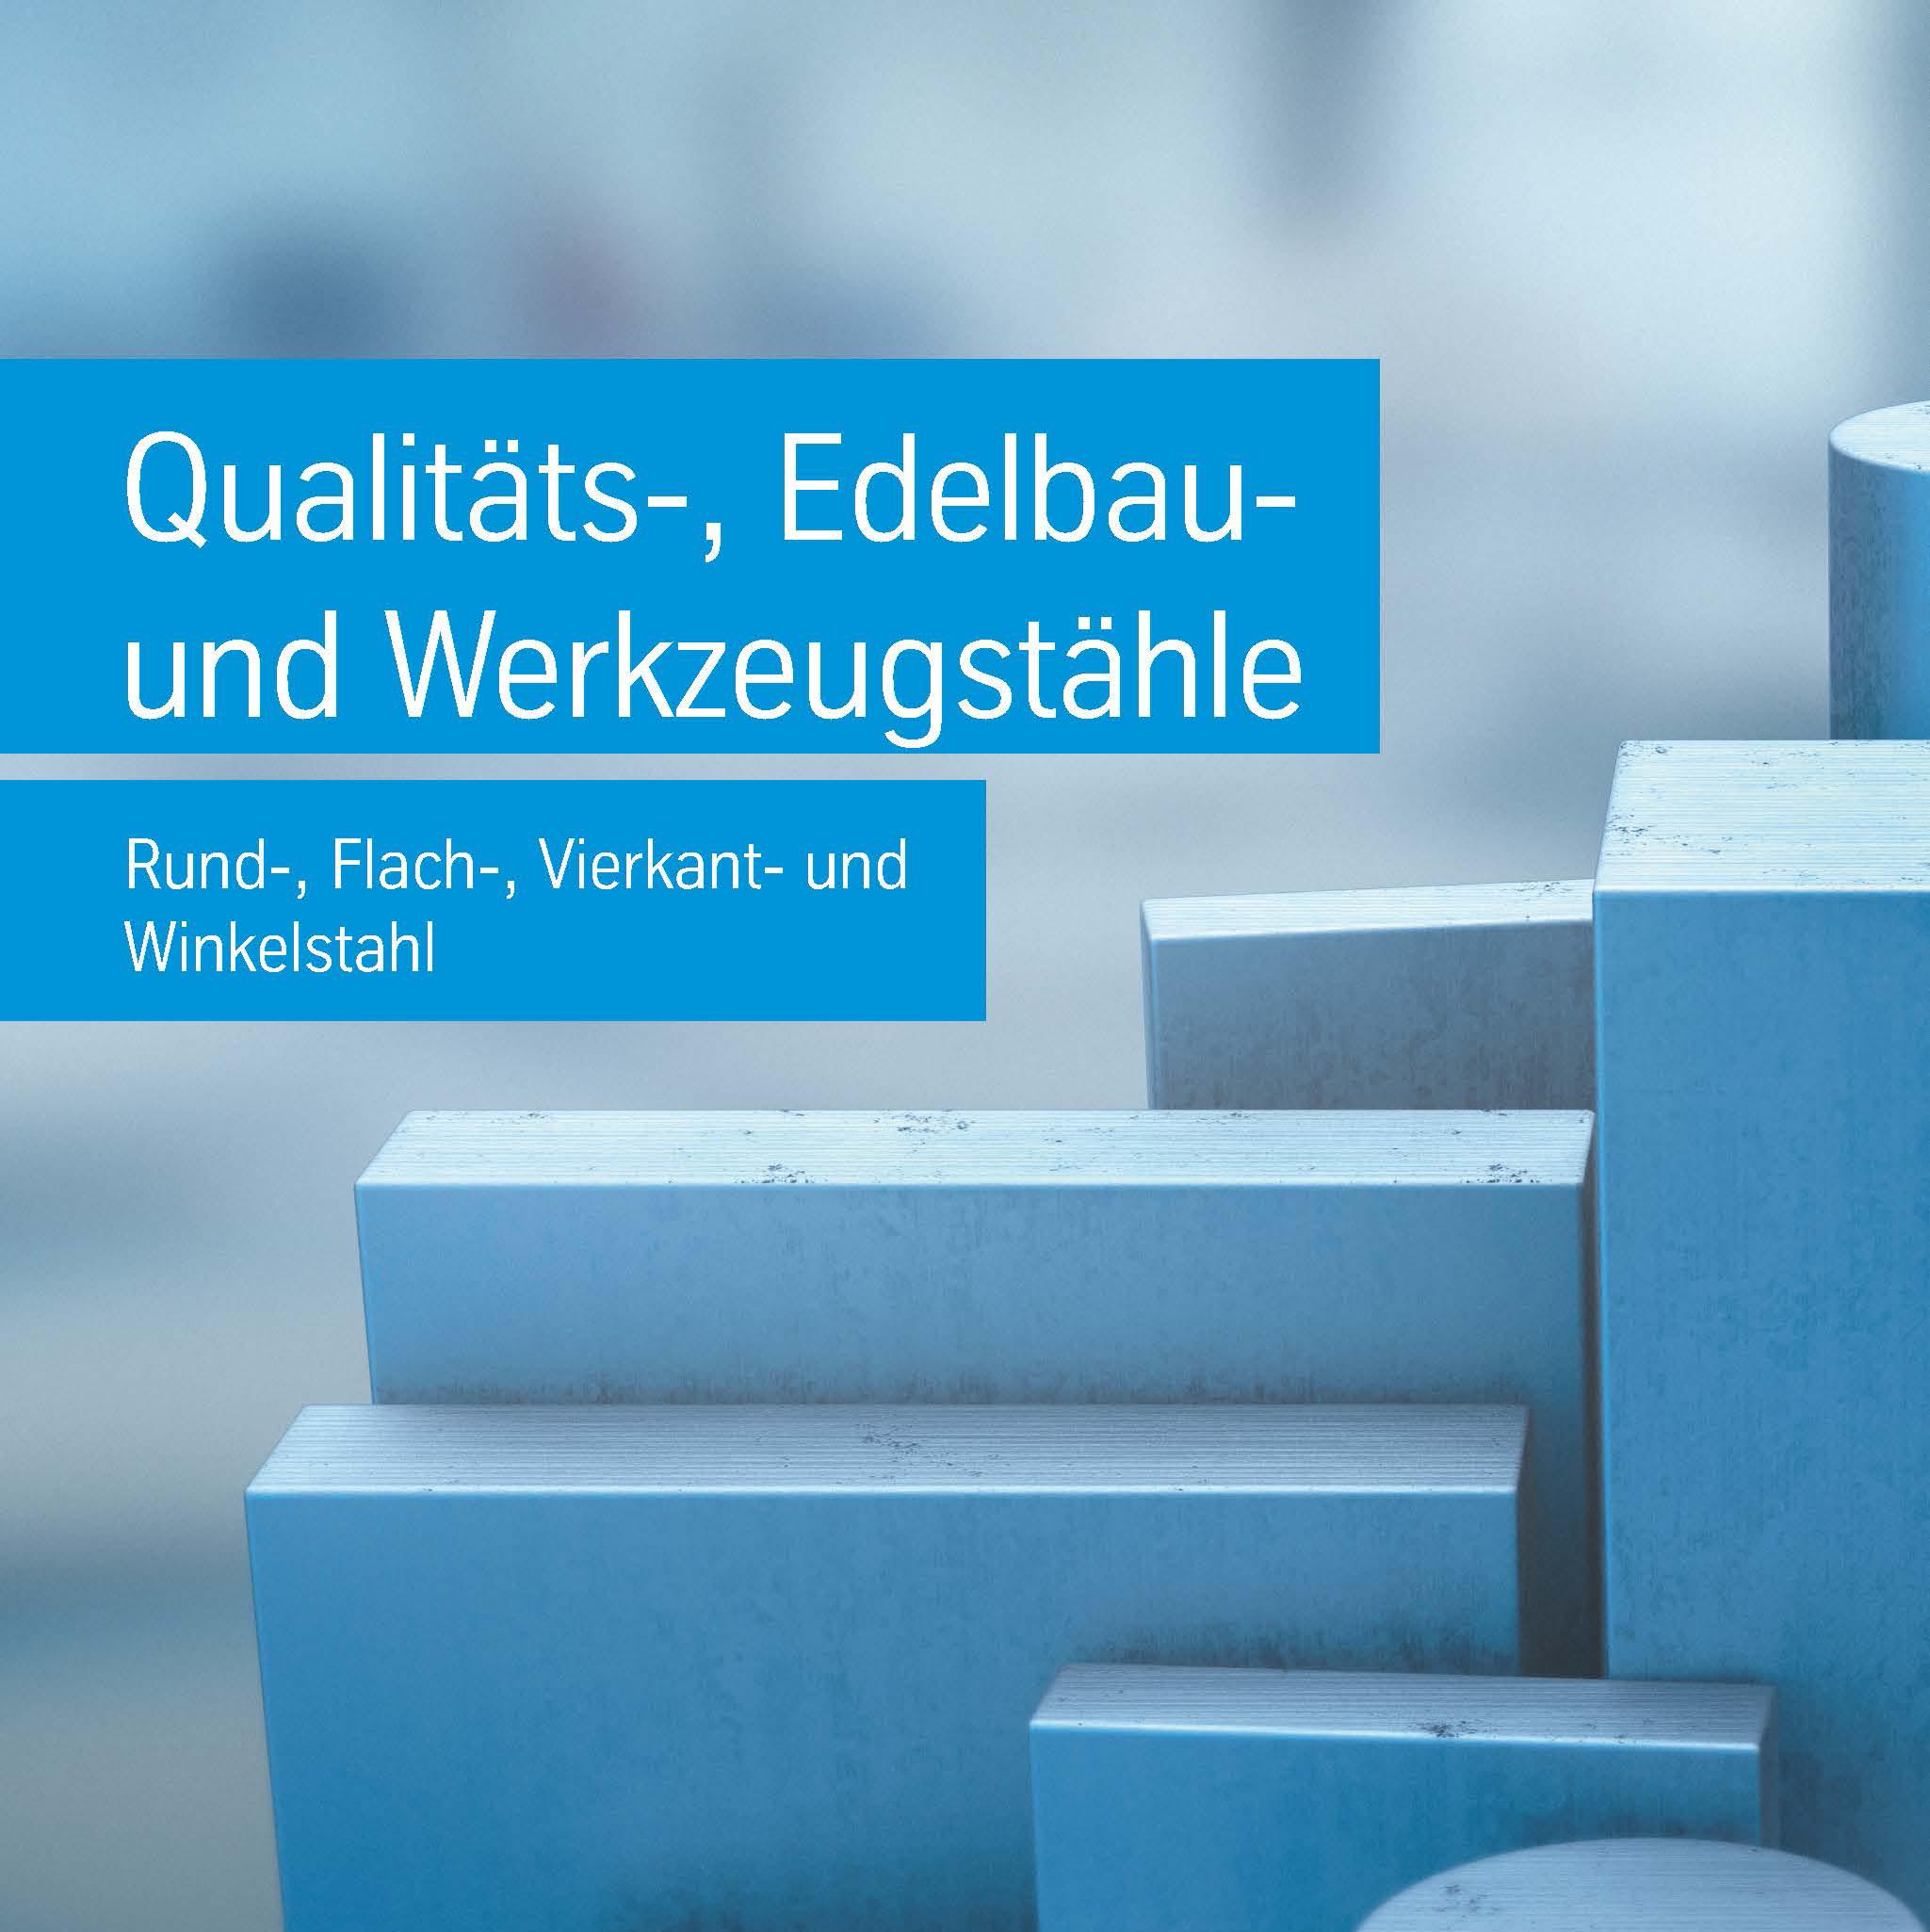 Qualitäts- Edelbau- und Werkzeugstähle